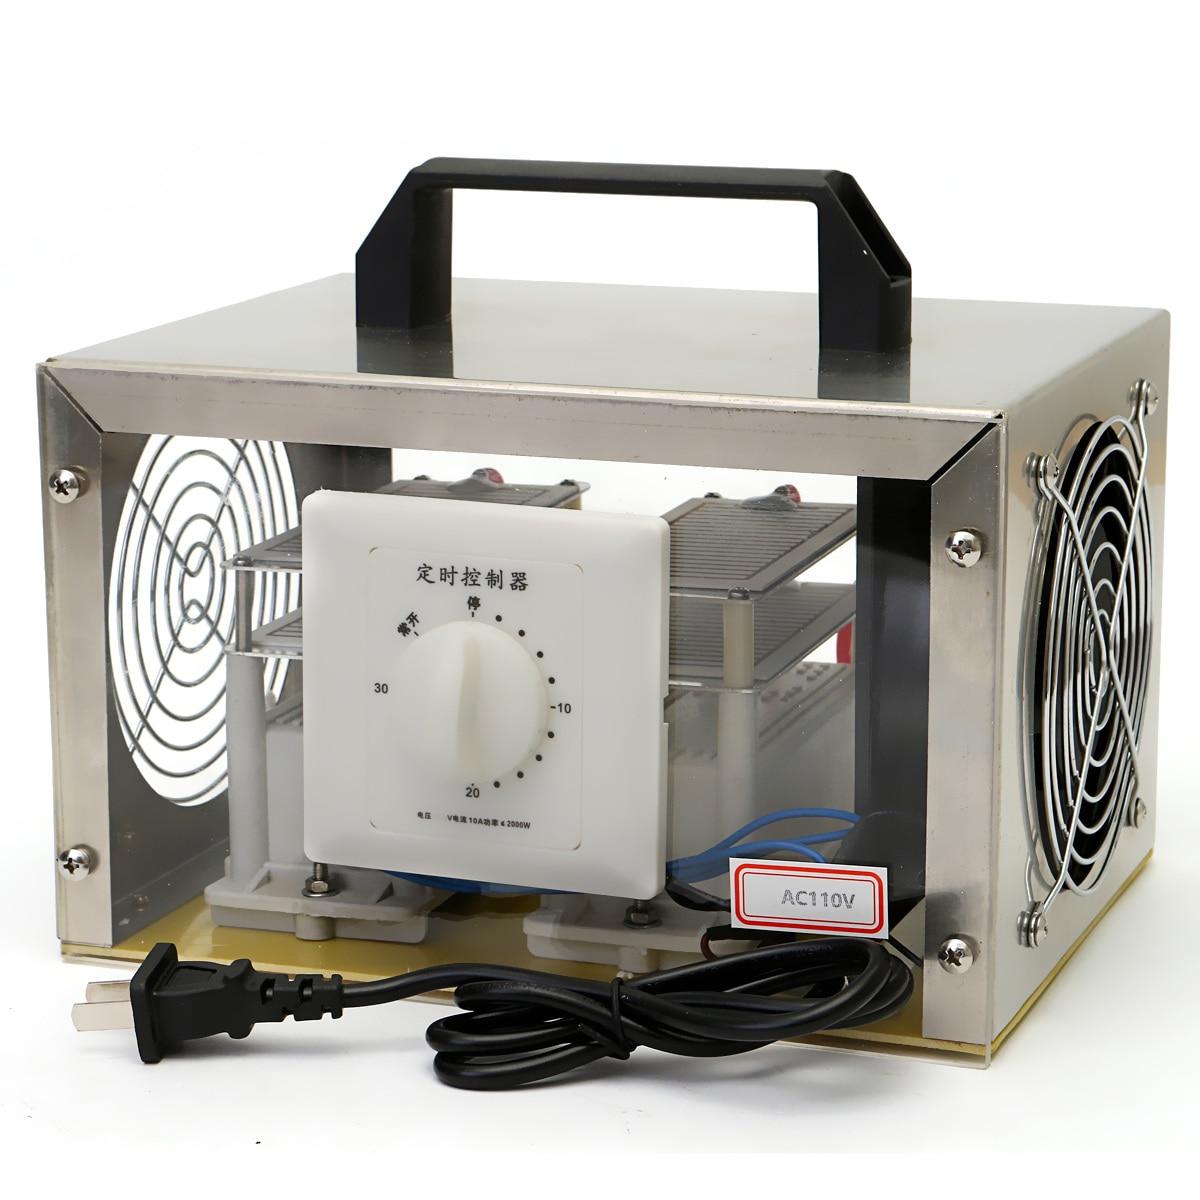 Honme автомобиля AC 110 В 20 г генератор озона дезинфекции дома машины Воздухоочистители + Сталь крышка США Plug